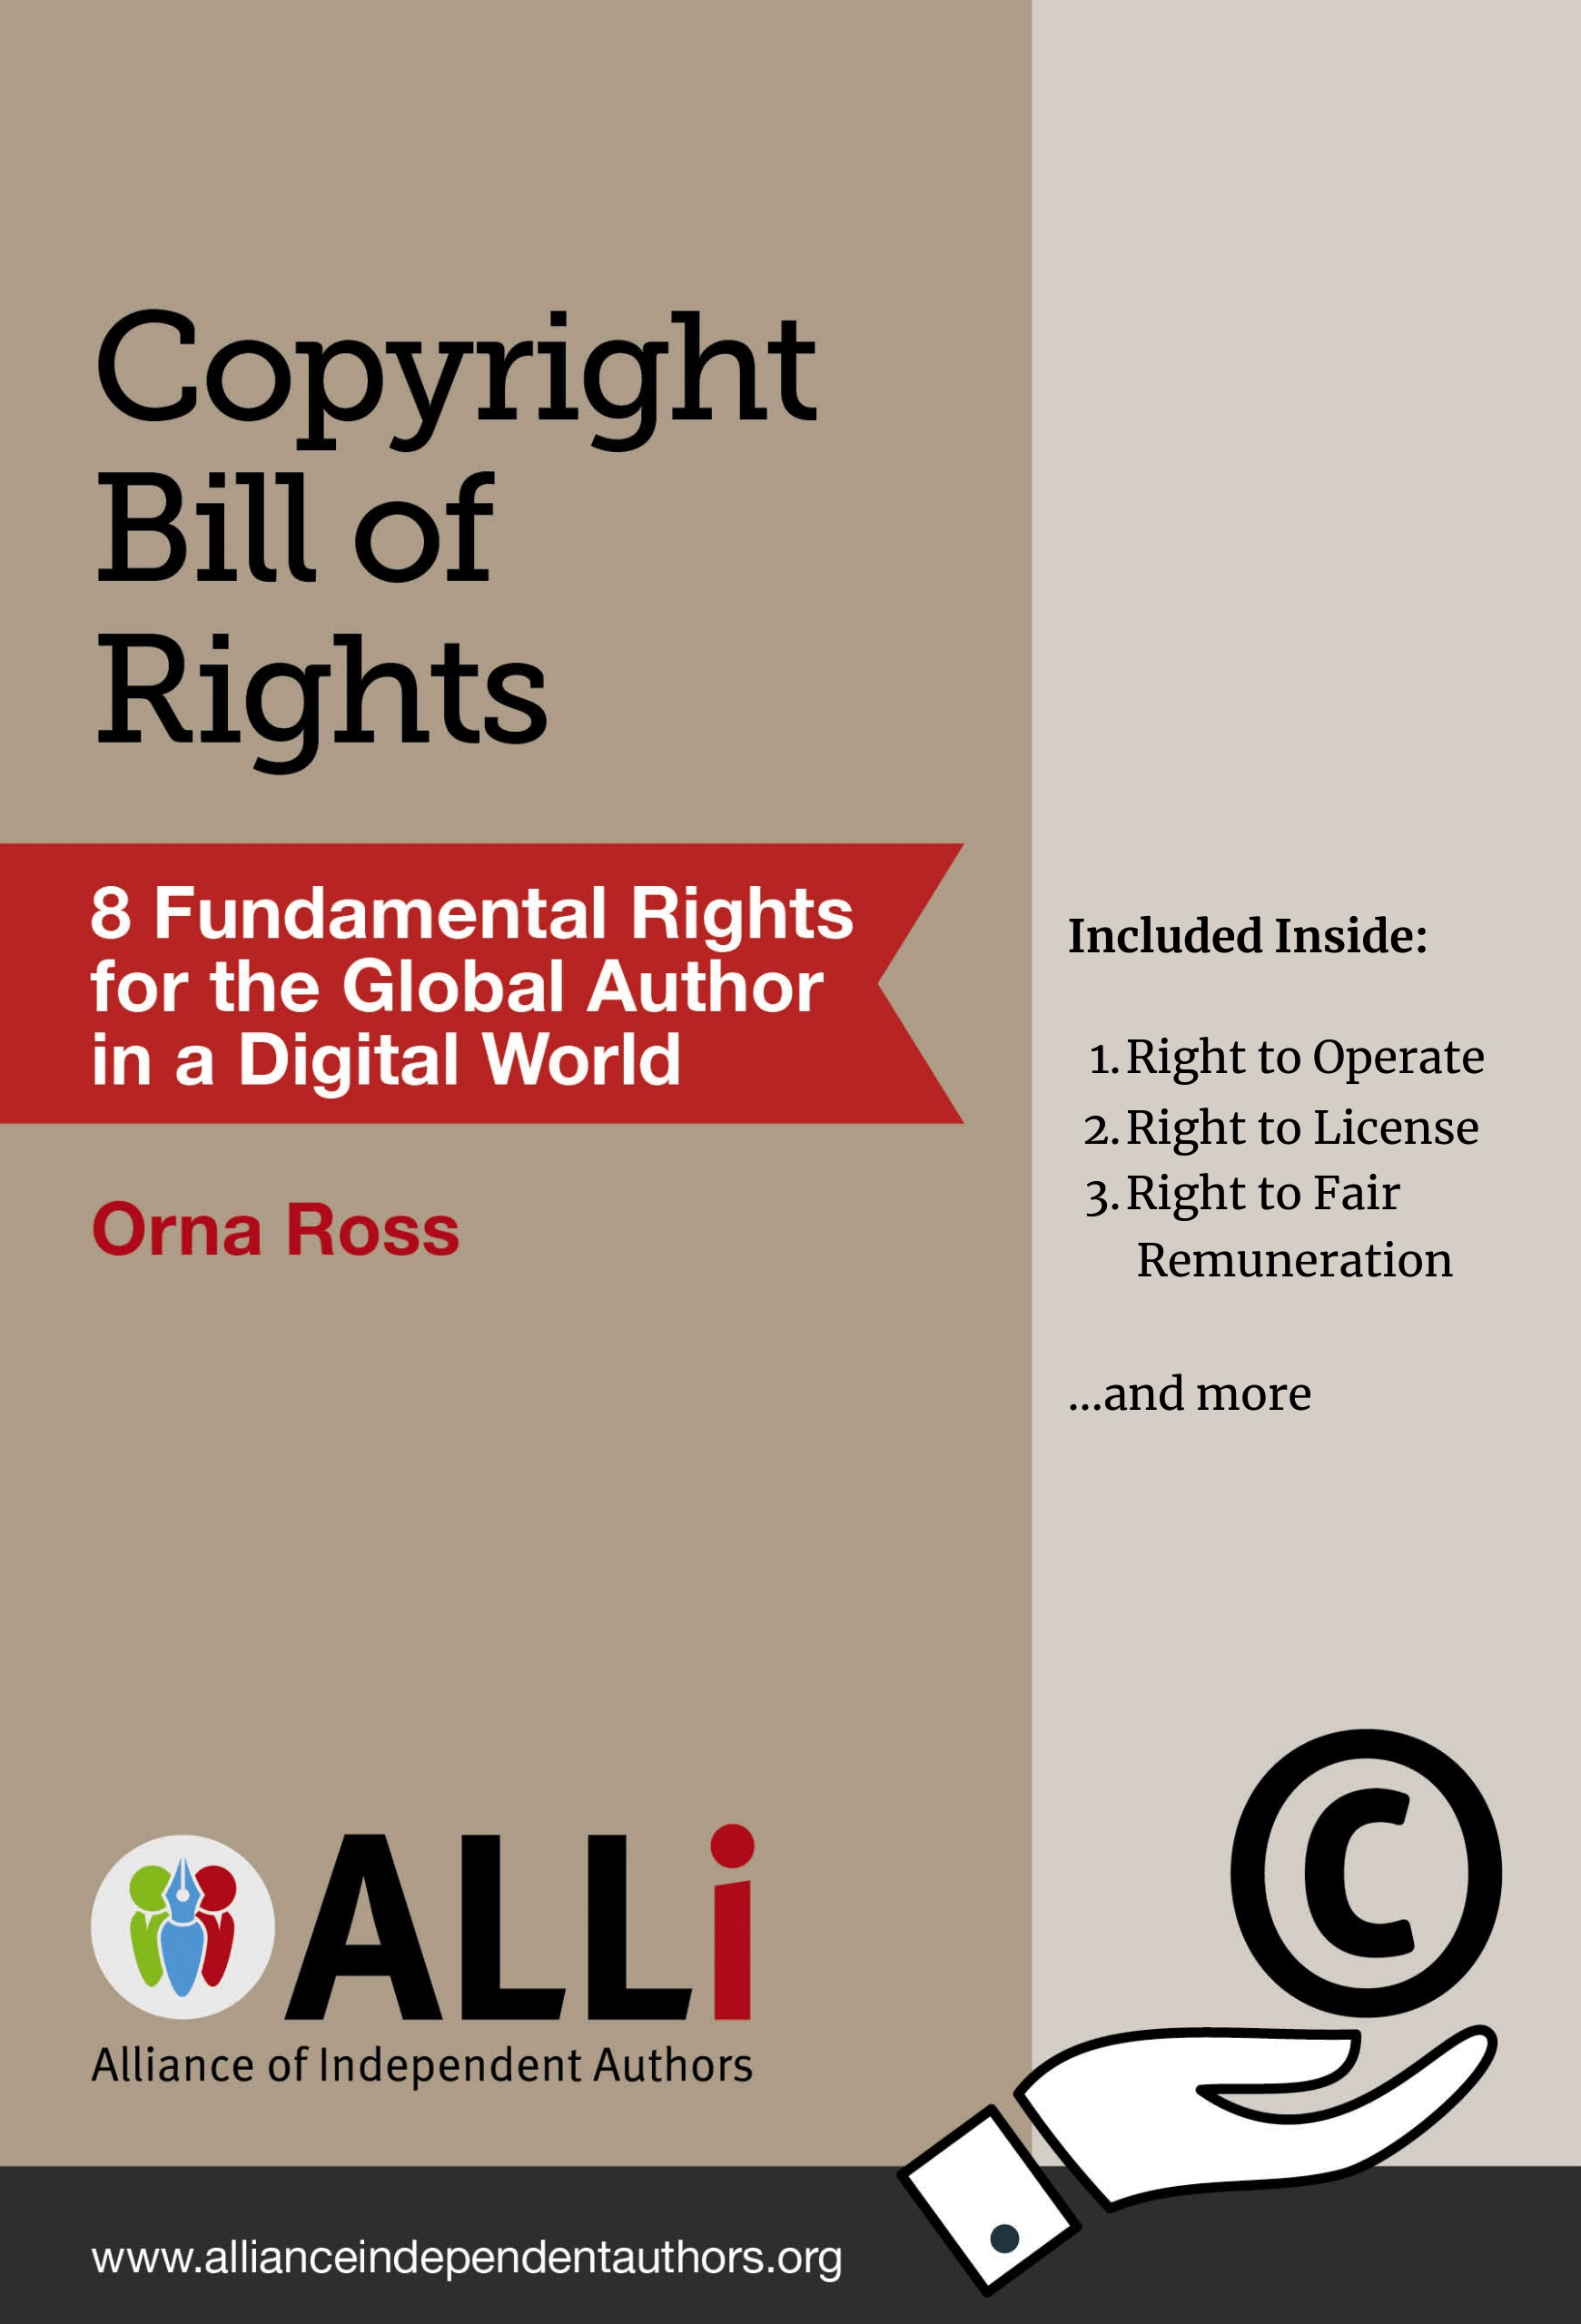 Copyright Bill of Rights